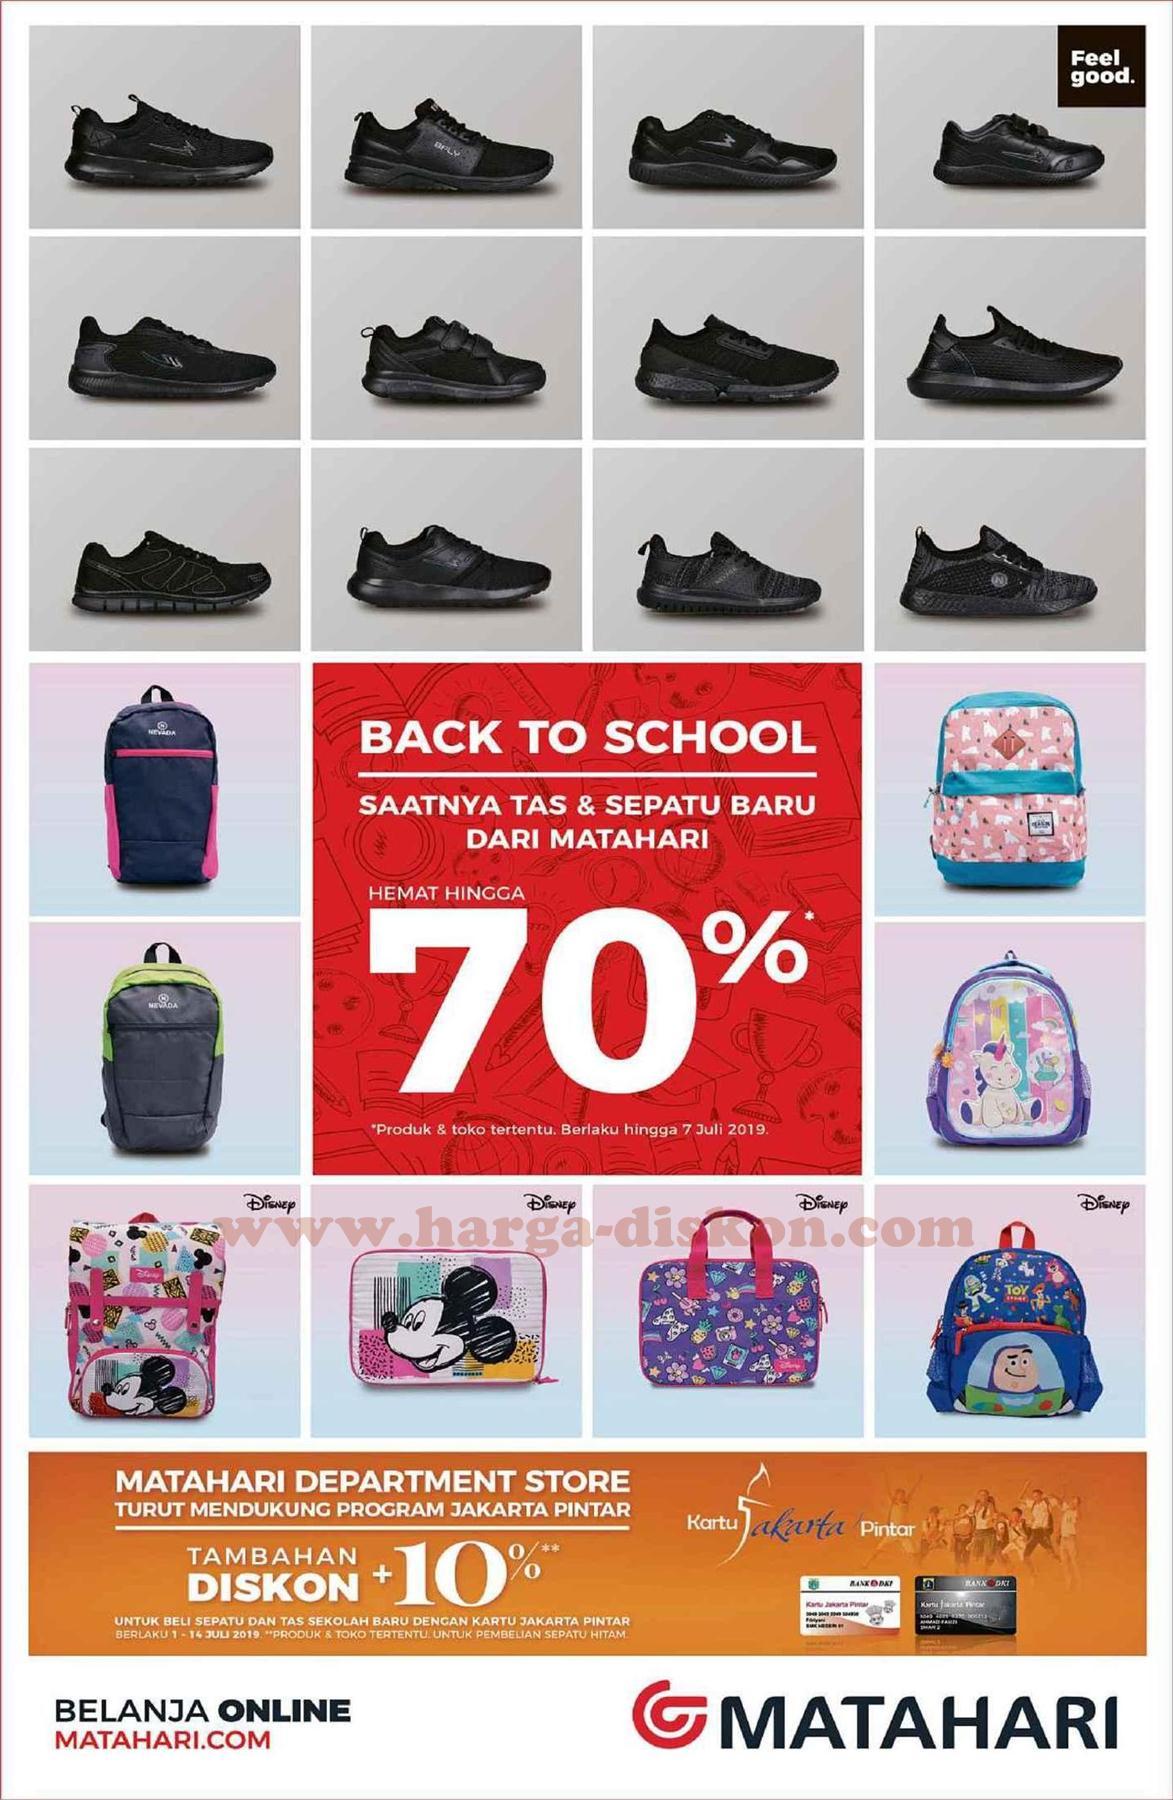 Promo Matahari Back To School Hemat Hingga 70 Periode 5 7 Juli